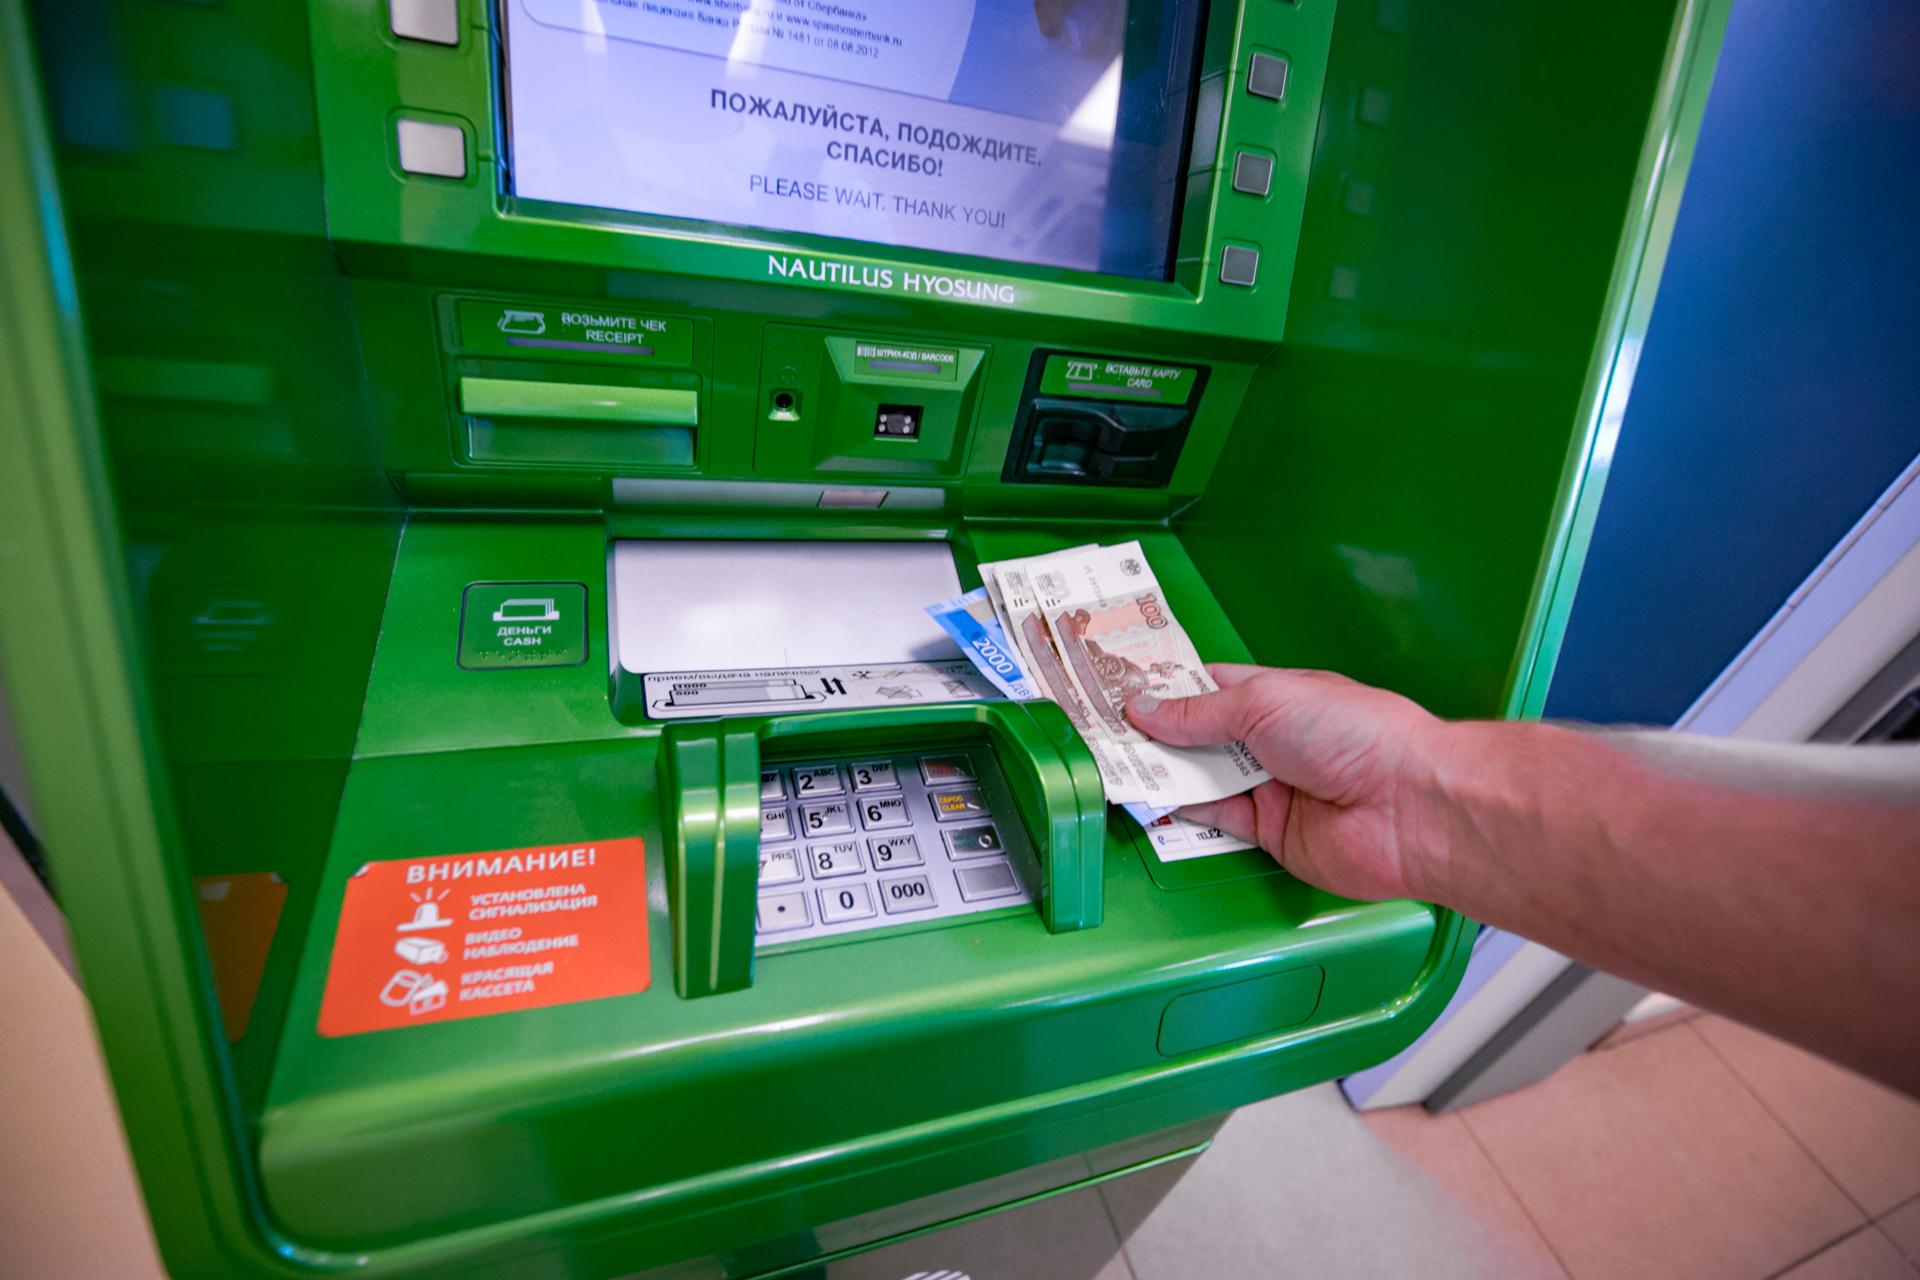 как получить фото с банкомата